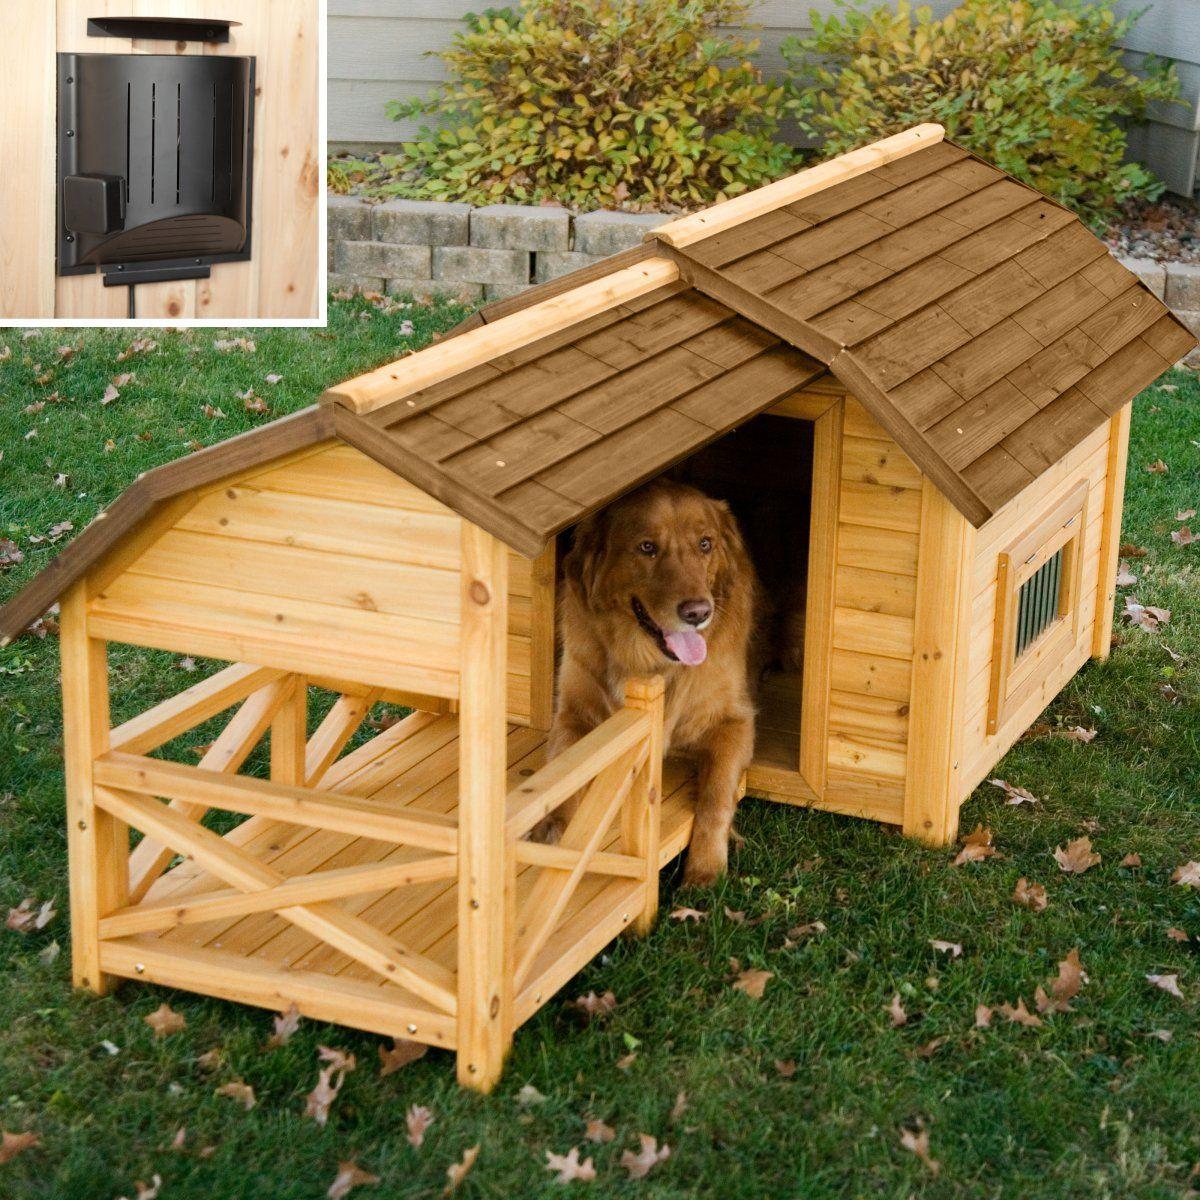 Barn Dog House With Heater Large Dog House Dog Houses Dog House